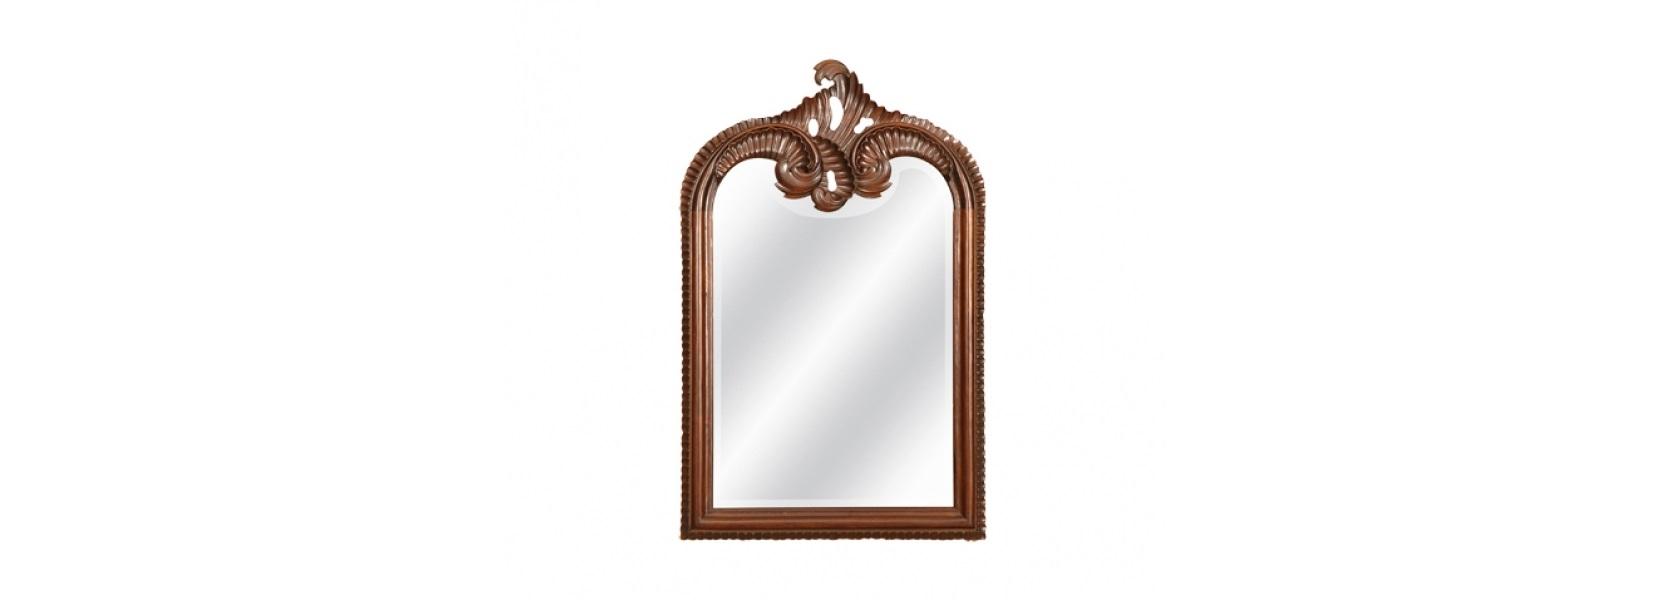 ЗеркалоНастенные зеркала<br>&amp;lt;div&amp;gt;Это элегантное зеркало выполнено в традиционном английском стиле. Оригинальная рама из массива красного дерева идеально подчеркивает аристократичность и сдержанность интерьеров эпохи королевы Виктории. Утонченный силуэт модели &amp;amp;nbsp;декорирован необычным узором. Миниатюрные завитки, переплетенные между собой, придают образу шарм и изысканность. Предмет станет ярким акцентом в уютной спальне или прихожей.&amp;lt;br&amp;gt;&amp;lt;/div&amp;gt;&amp;lt;div&amp;gt;&amp;lt;br&amp;gt;&amp;lt;/div&amp;gt;Выполнено из массива красного дерева. Ручная работа.<br><br>Material: Красное дерево<br>Ширина см: 49<br>Высота см: 130<br>Глубина см: 5